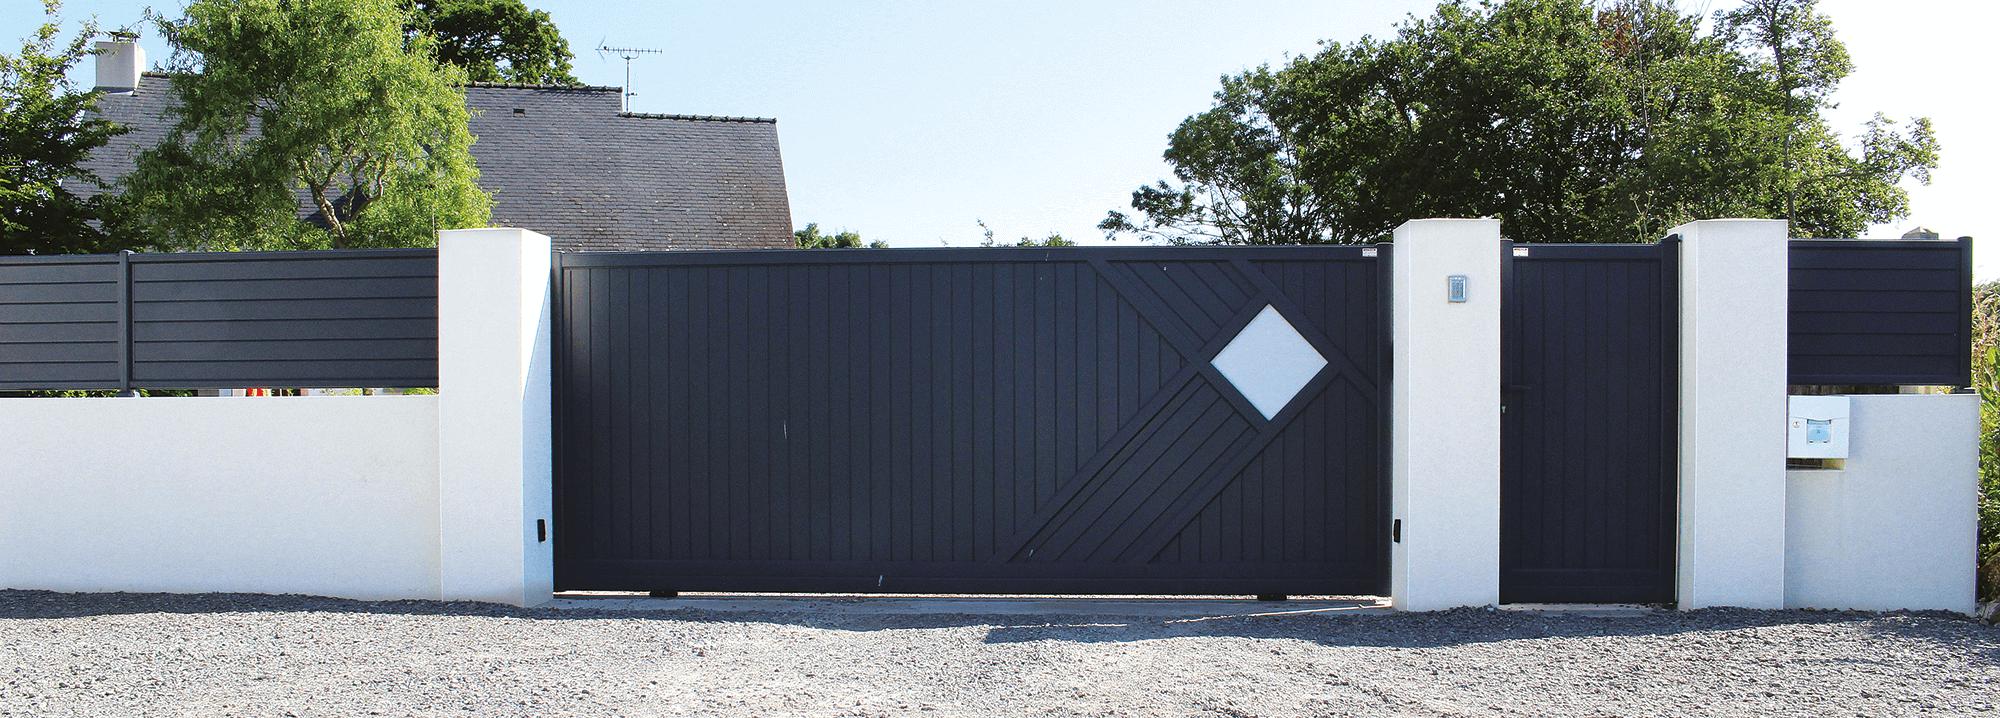 Portail aluminium zouk les mod les contemporains charuel for Pilier moderne